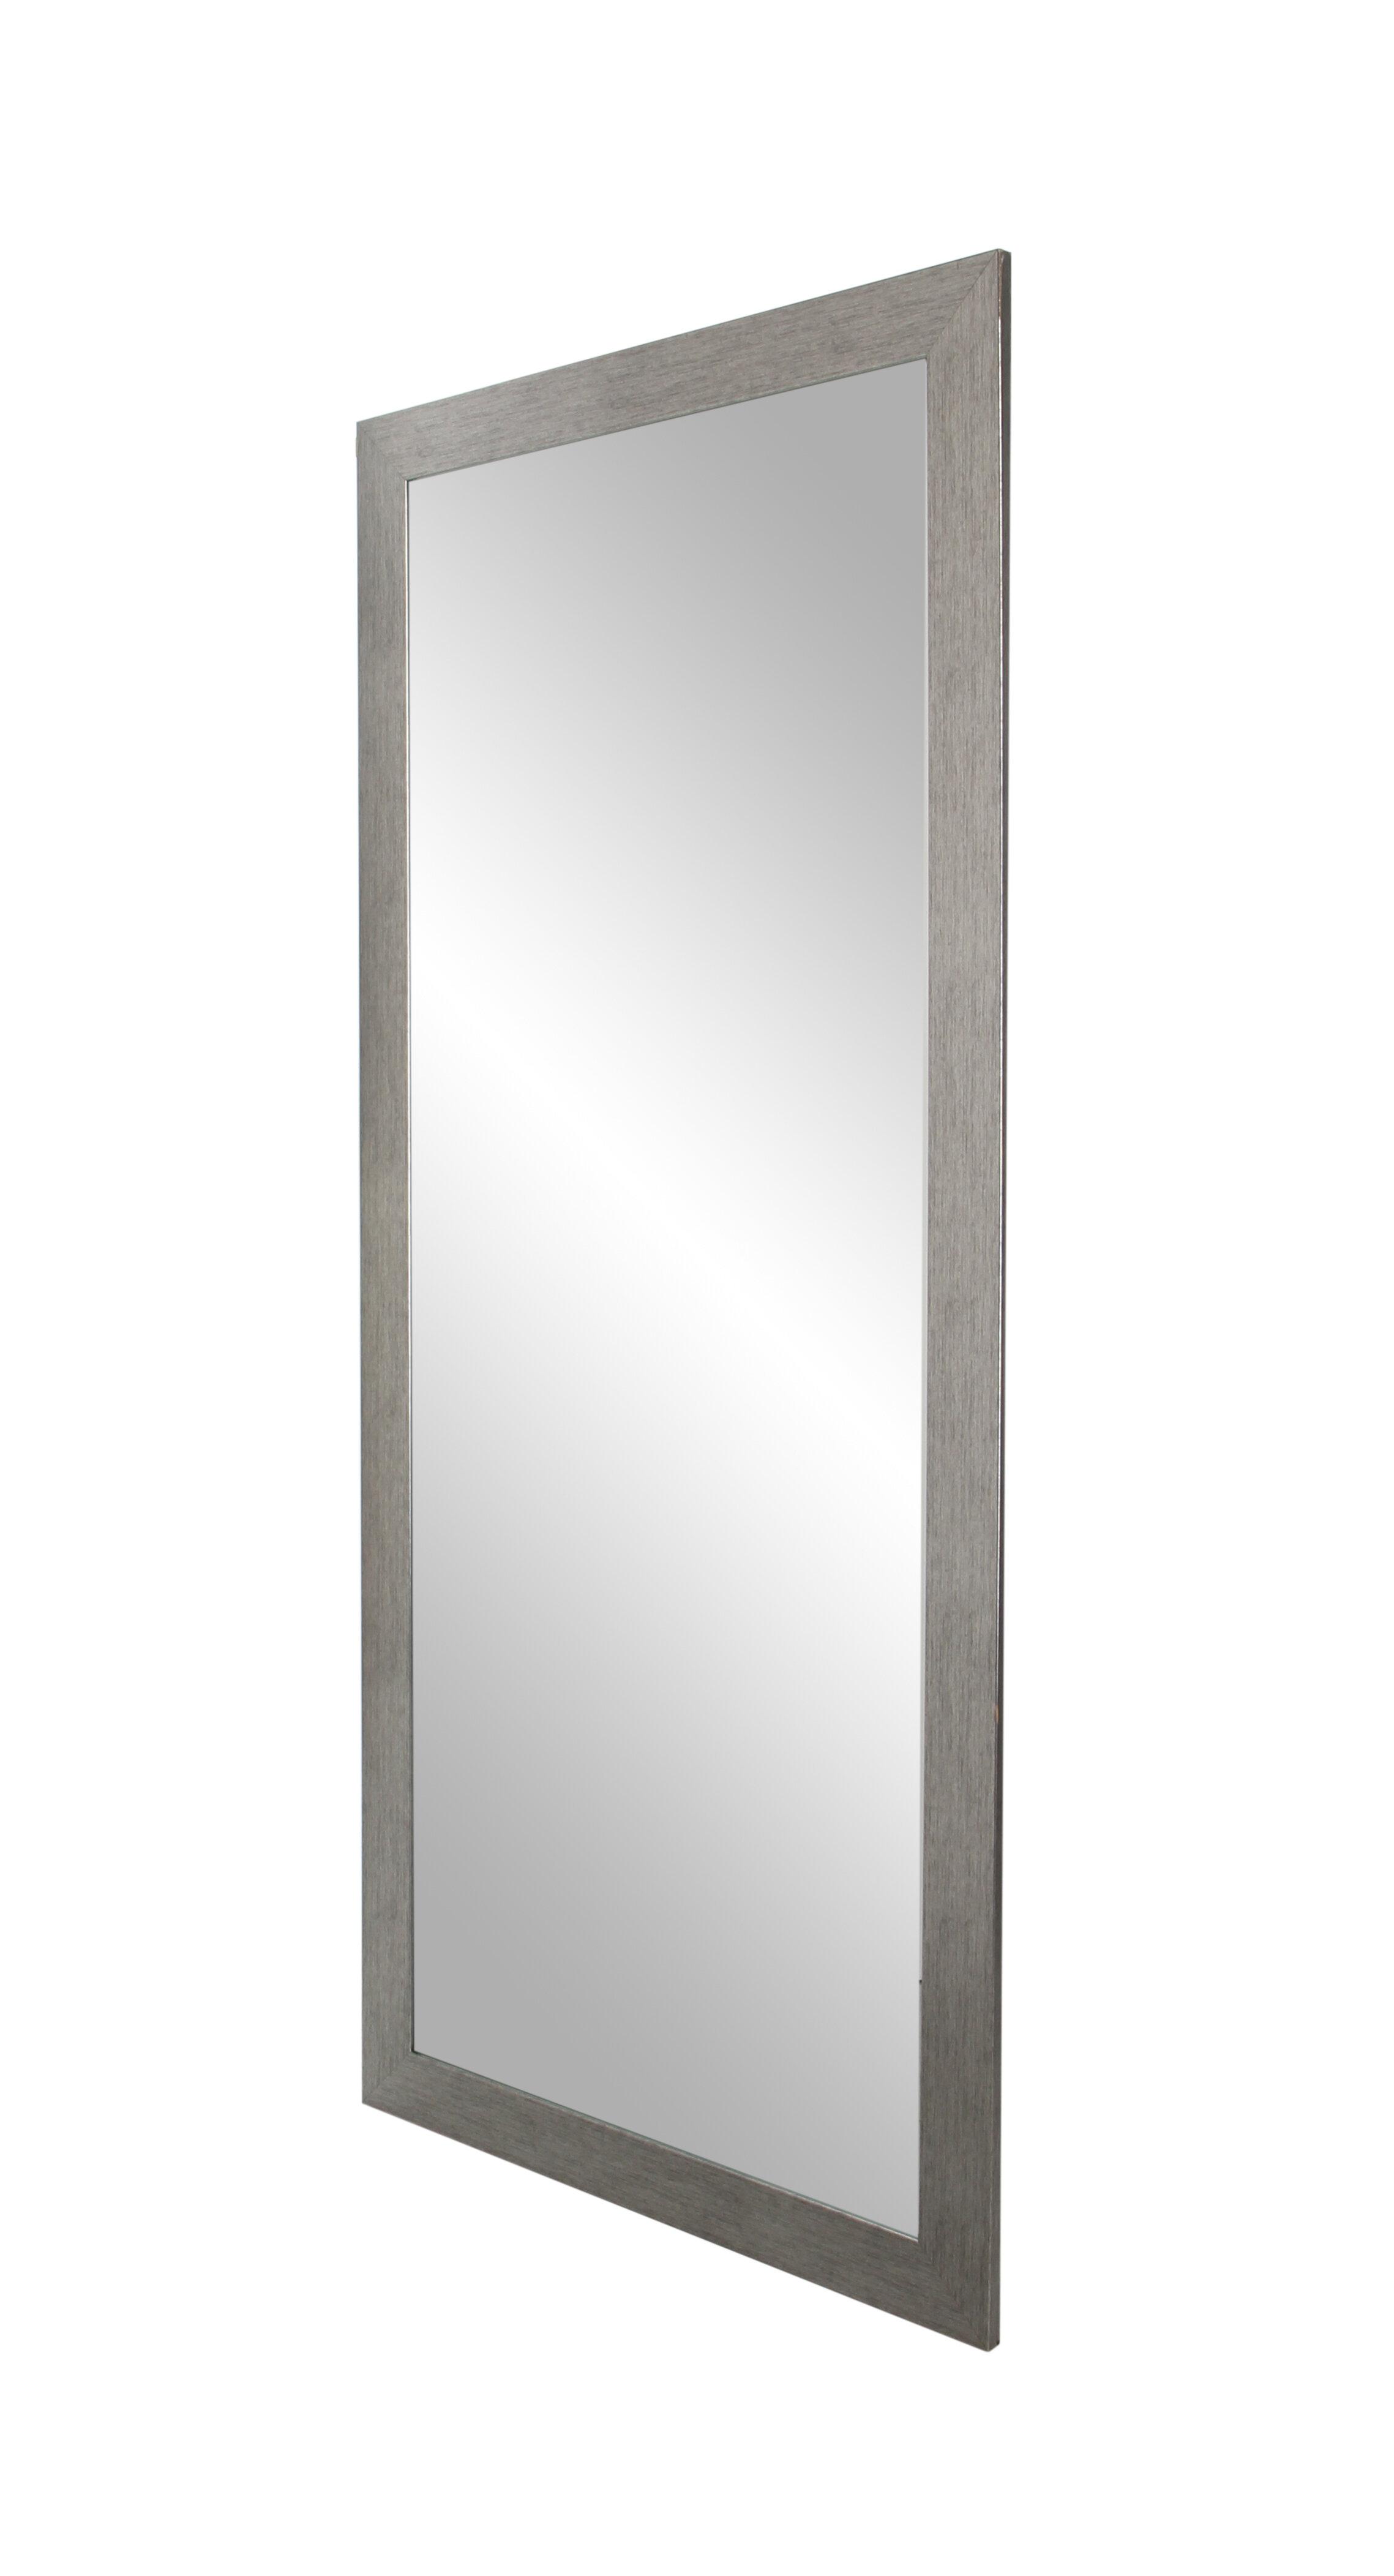 Full lenght mirror Gold Allmodern Jameson Full Length Mirror Reviews Allmodern